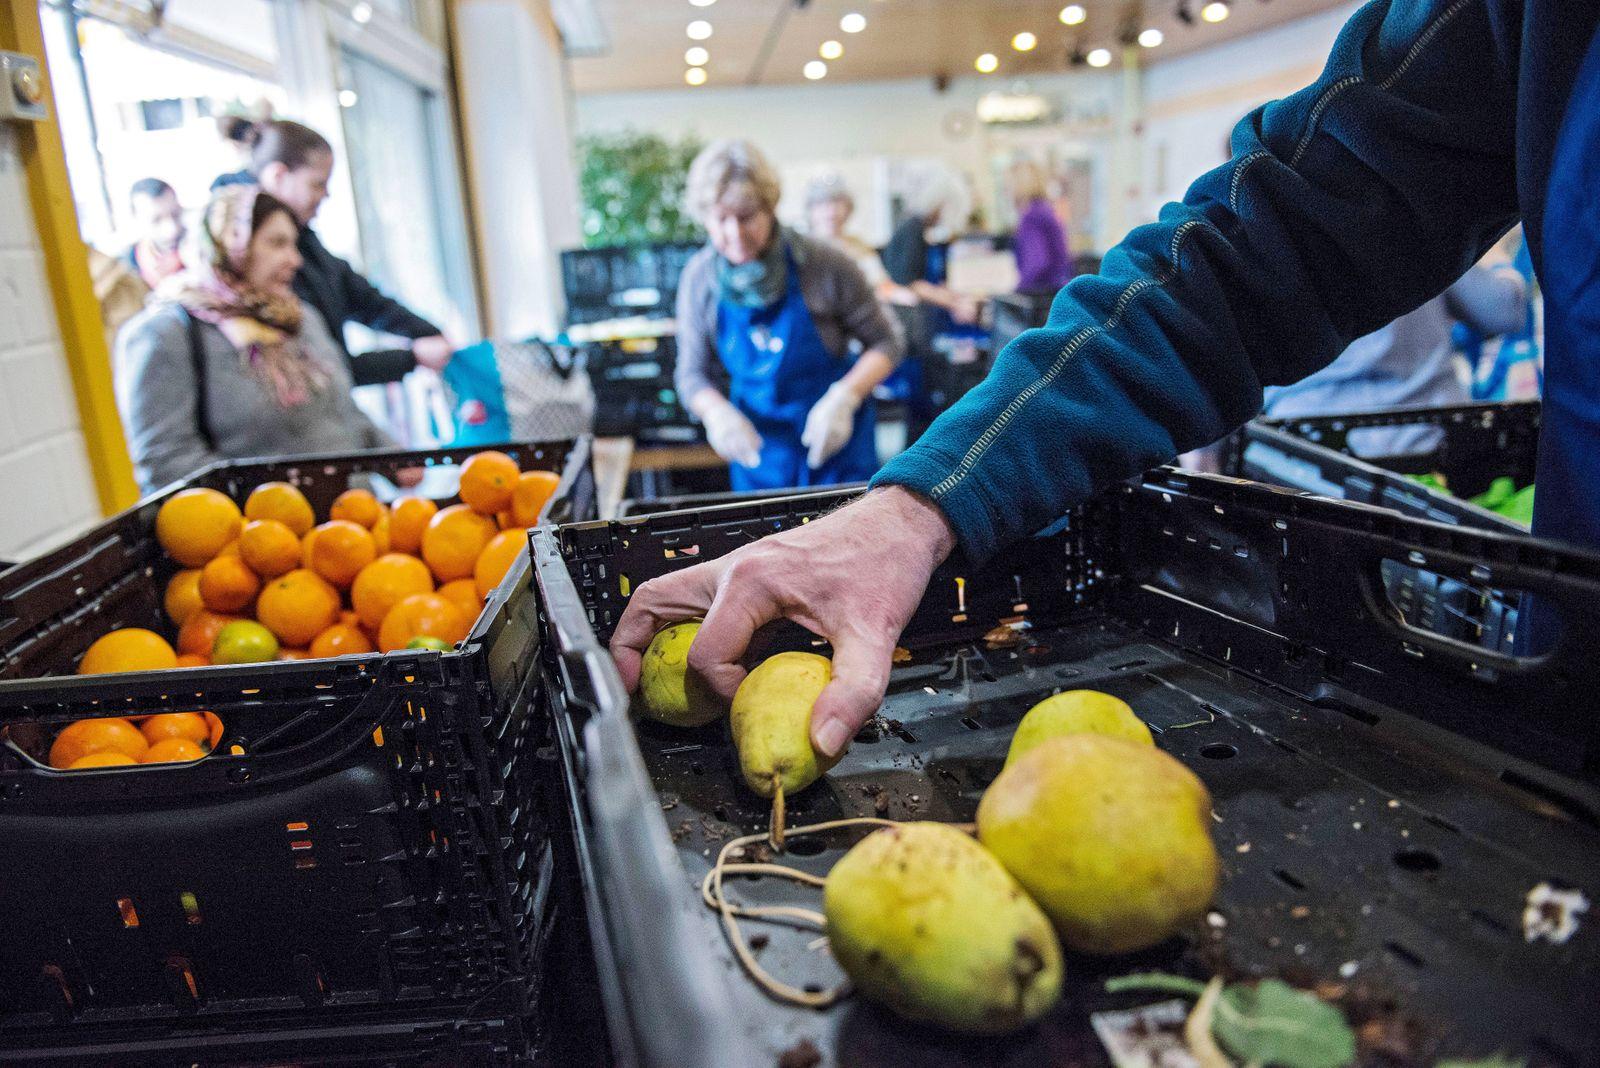 Ehrenamtliche Helfer der Frankfurter Tafel geben von Supermaerkten gespendete Lebensmittel aus im Au